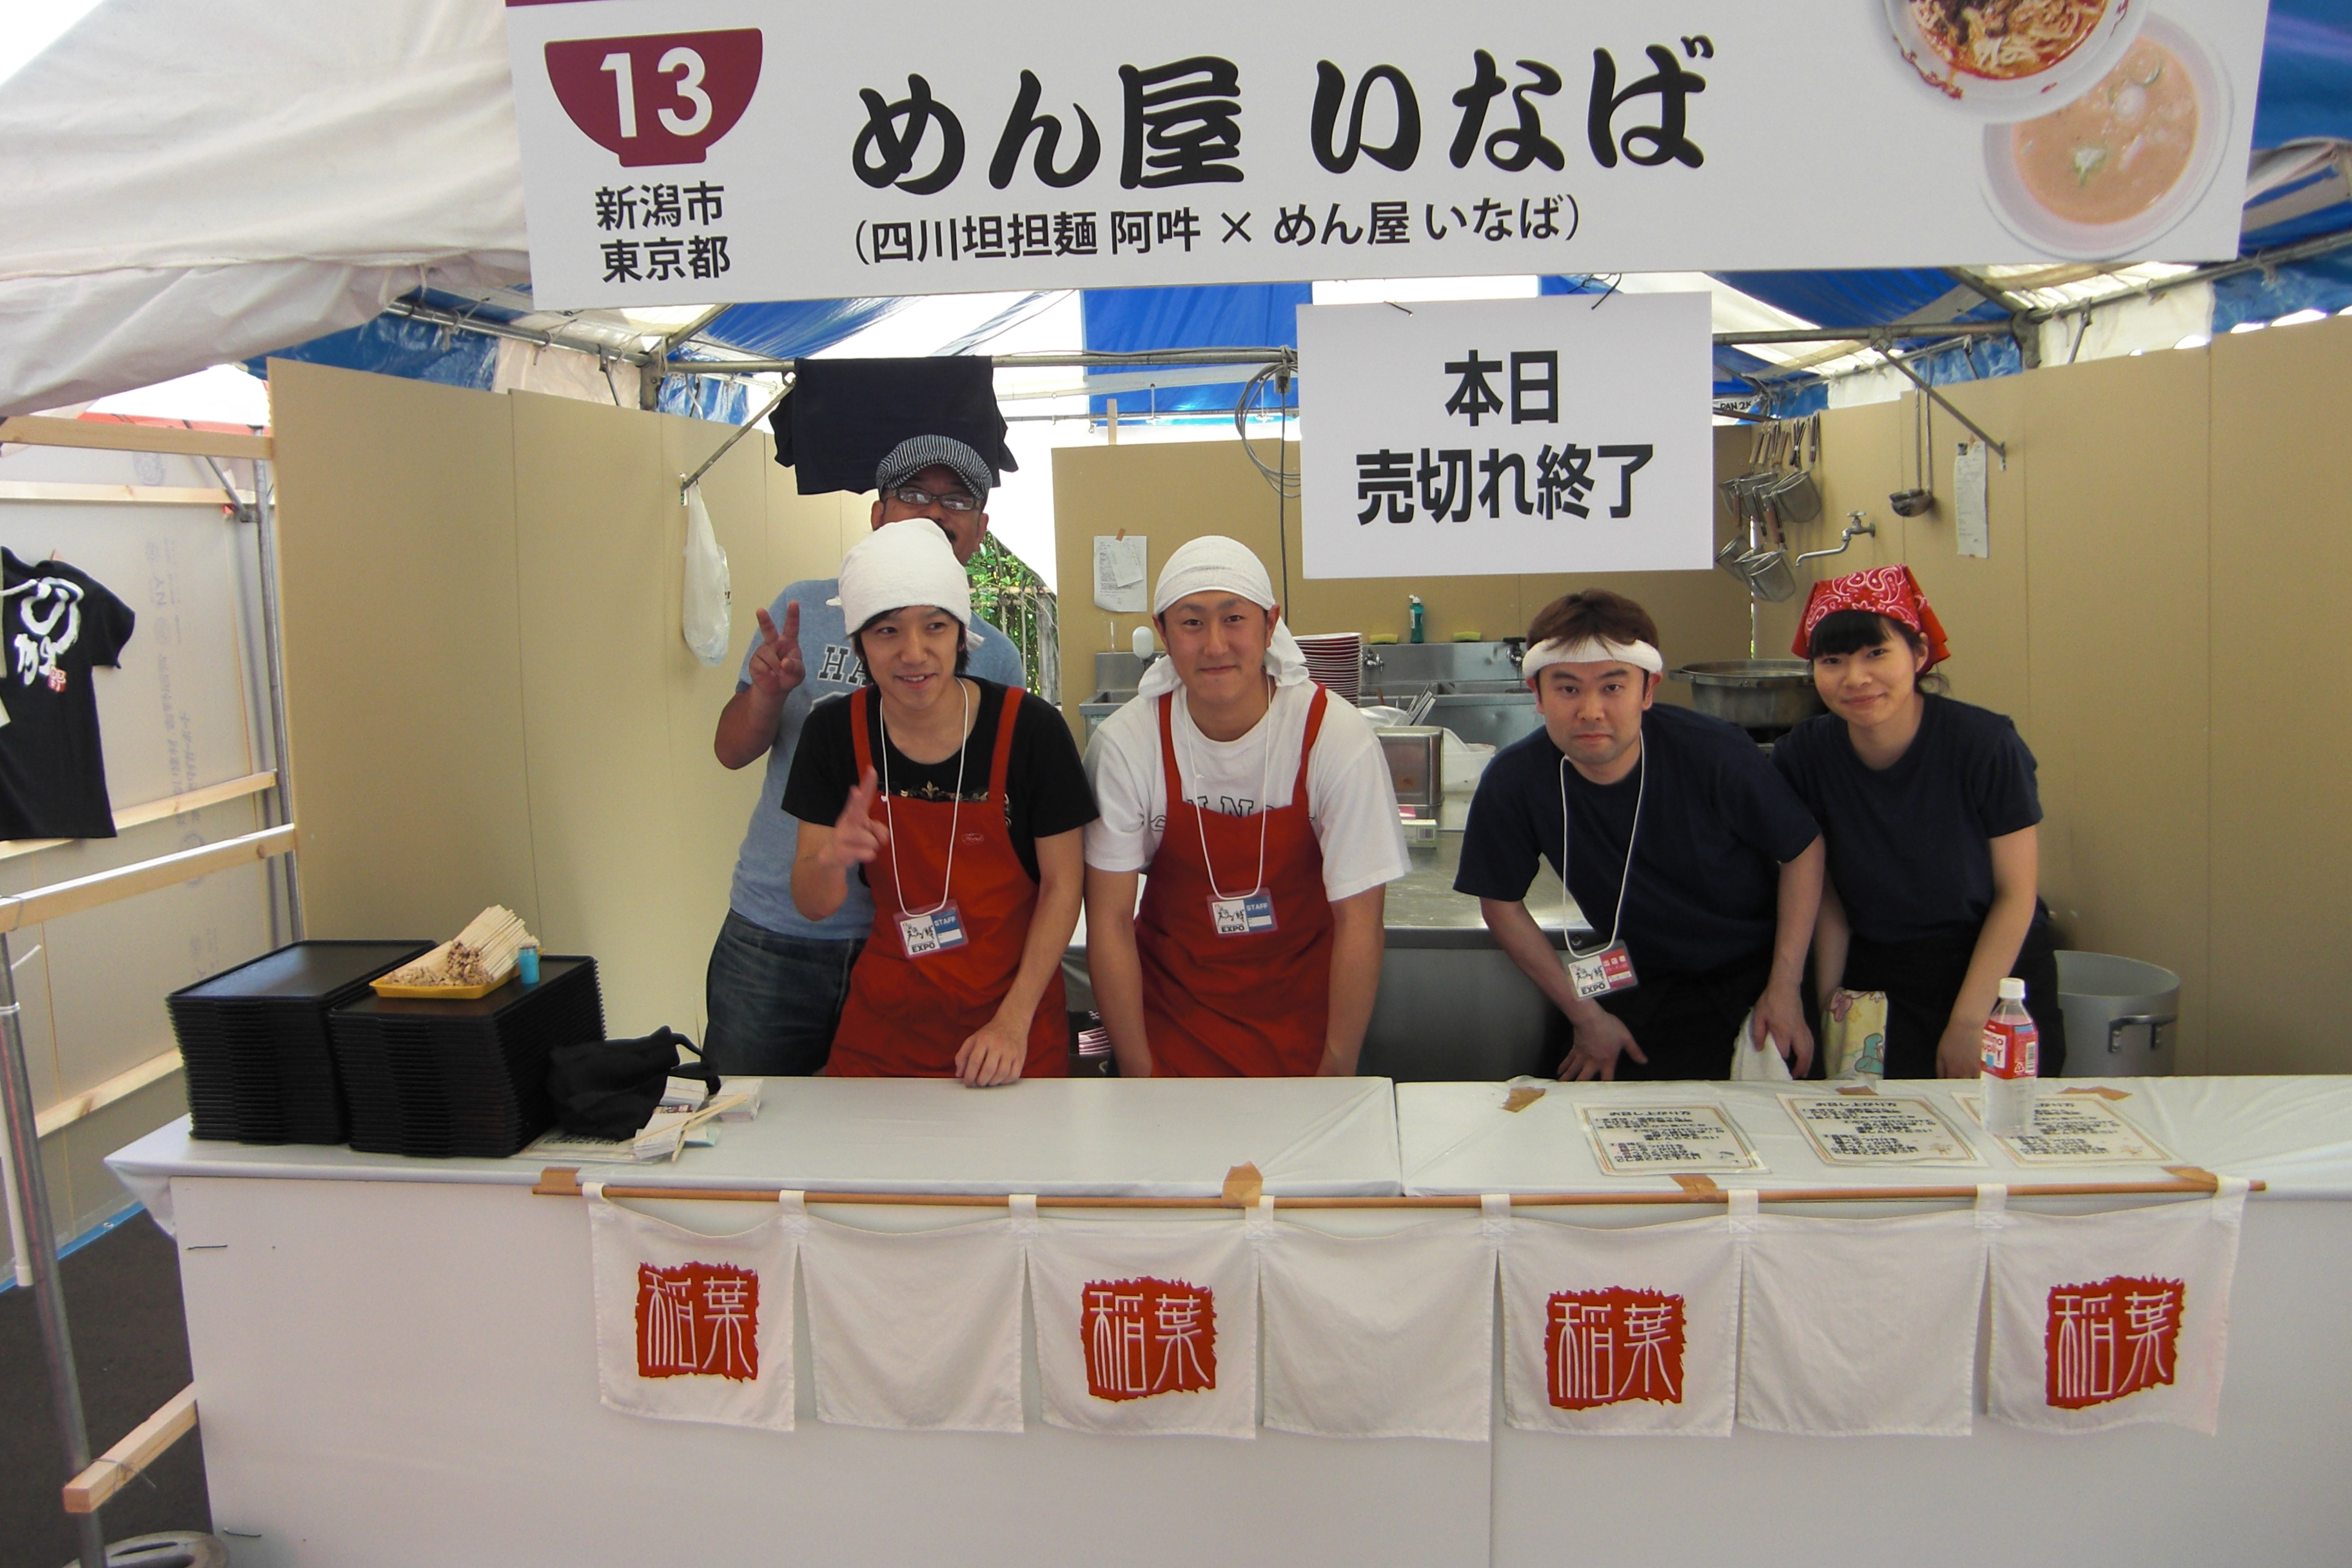 坦々つけ麺/めん屋 いなば(新潟市)